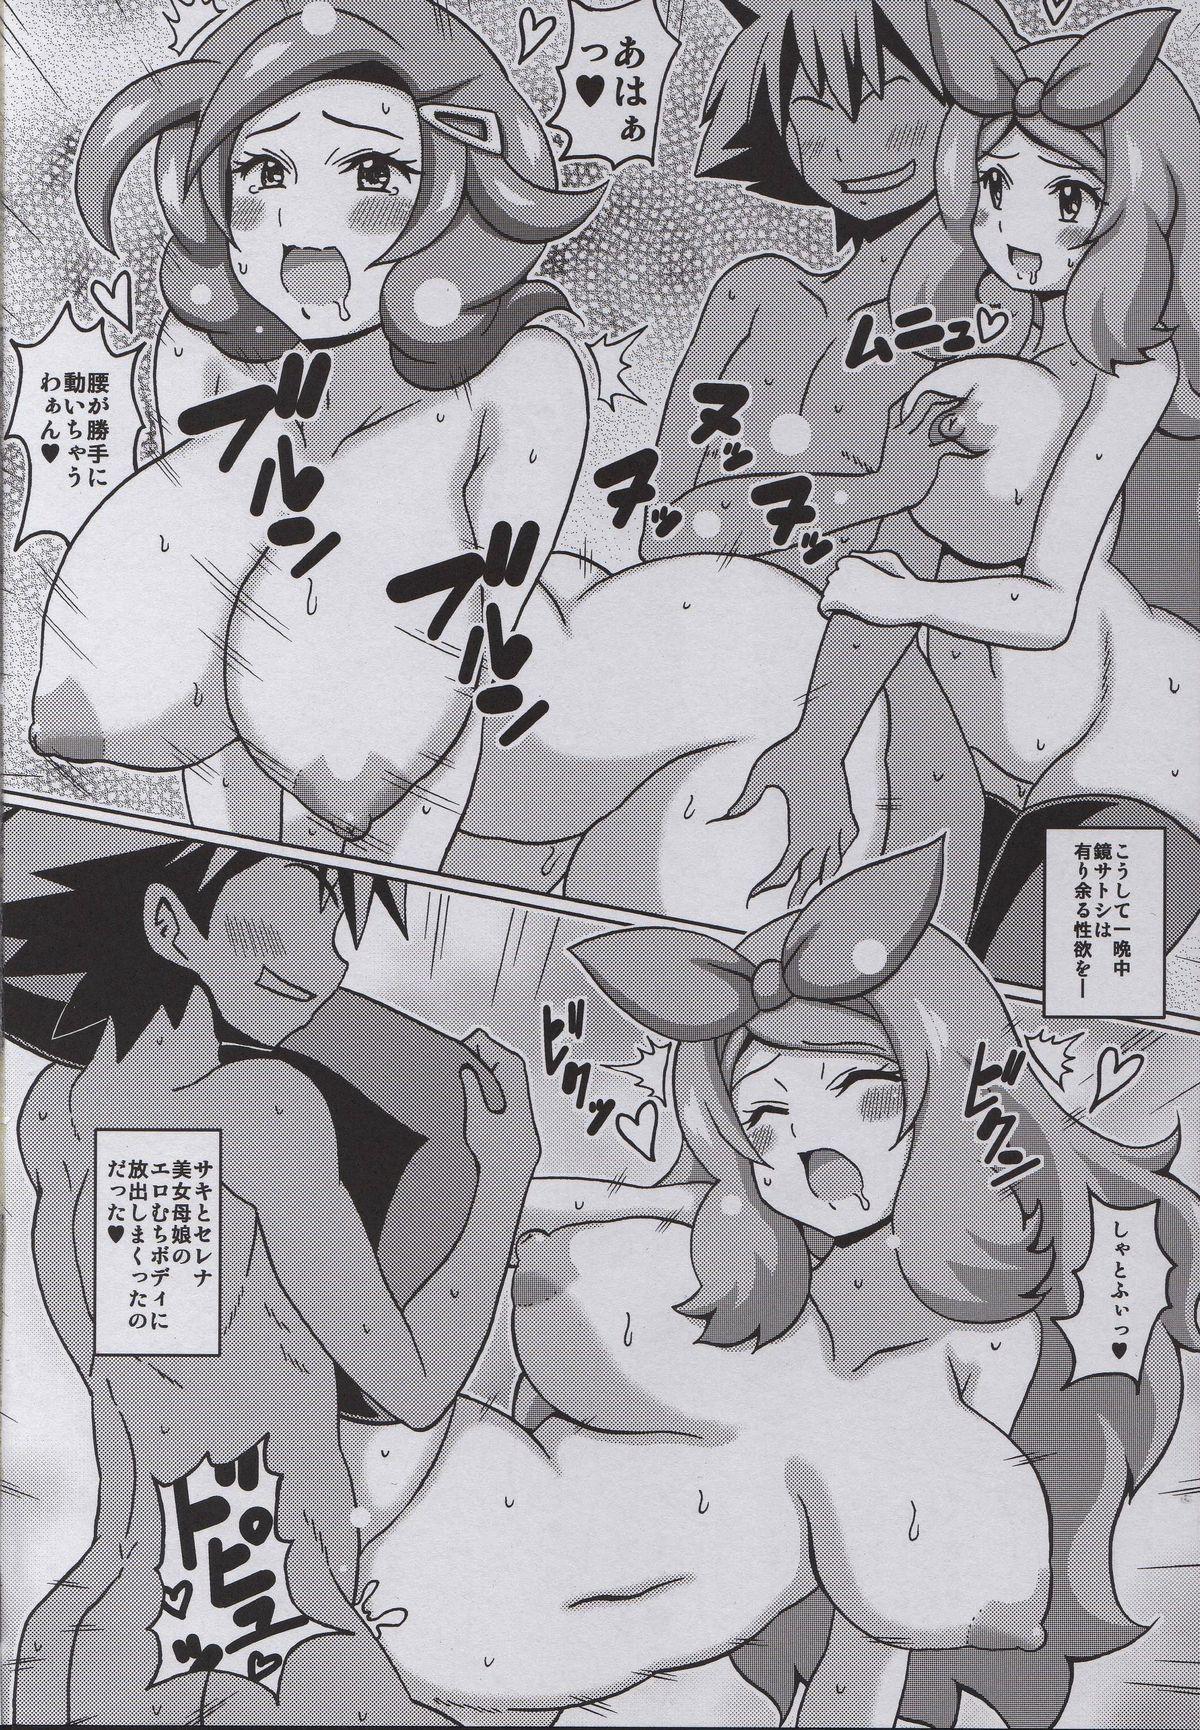 Saki to Serena no Oyako Hon 13